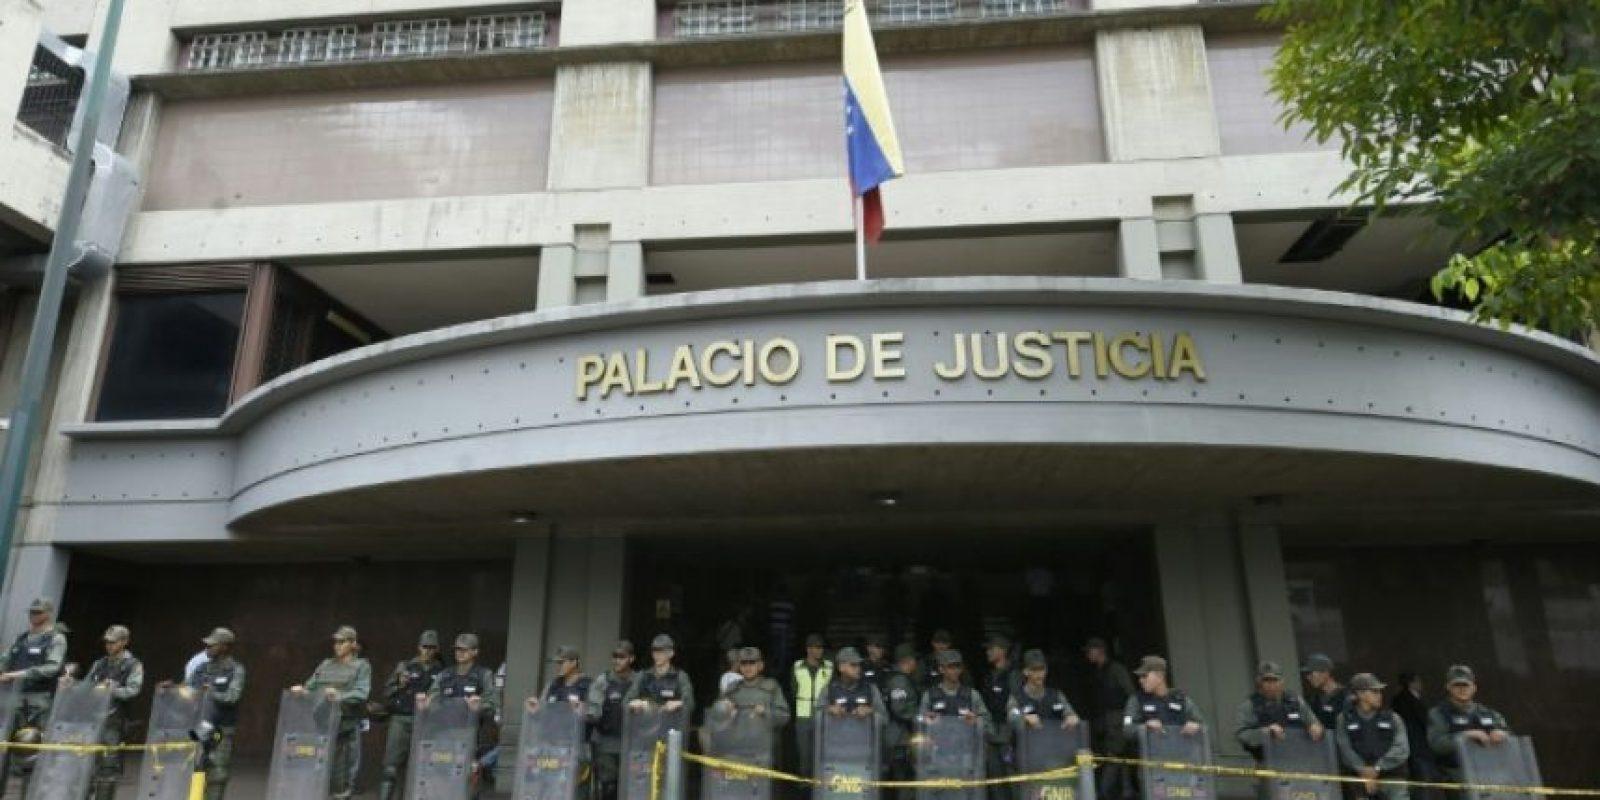 Agentes de la Guardia Nacional custodian el Tribunal Supremo de Justicia en Caracas el 18 de agosto de 2016 Foto:Juan Barreto/afp.com